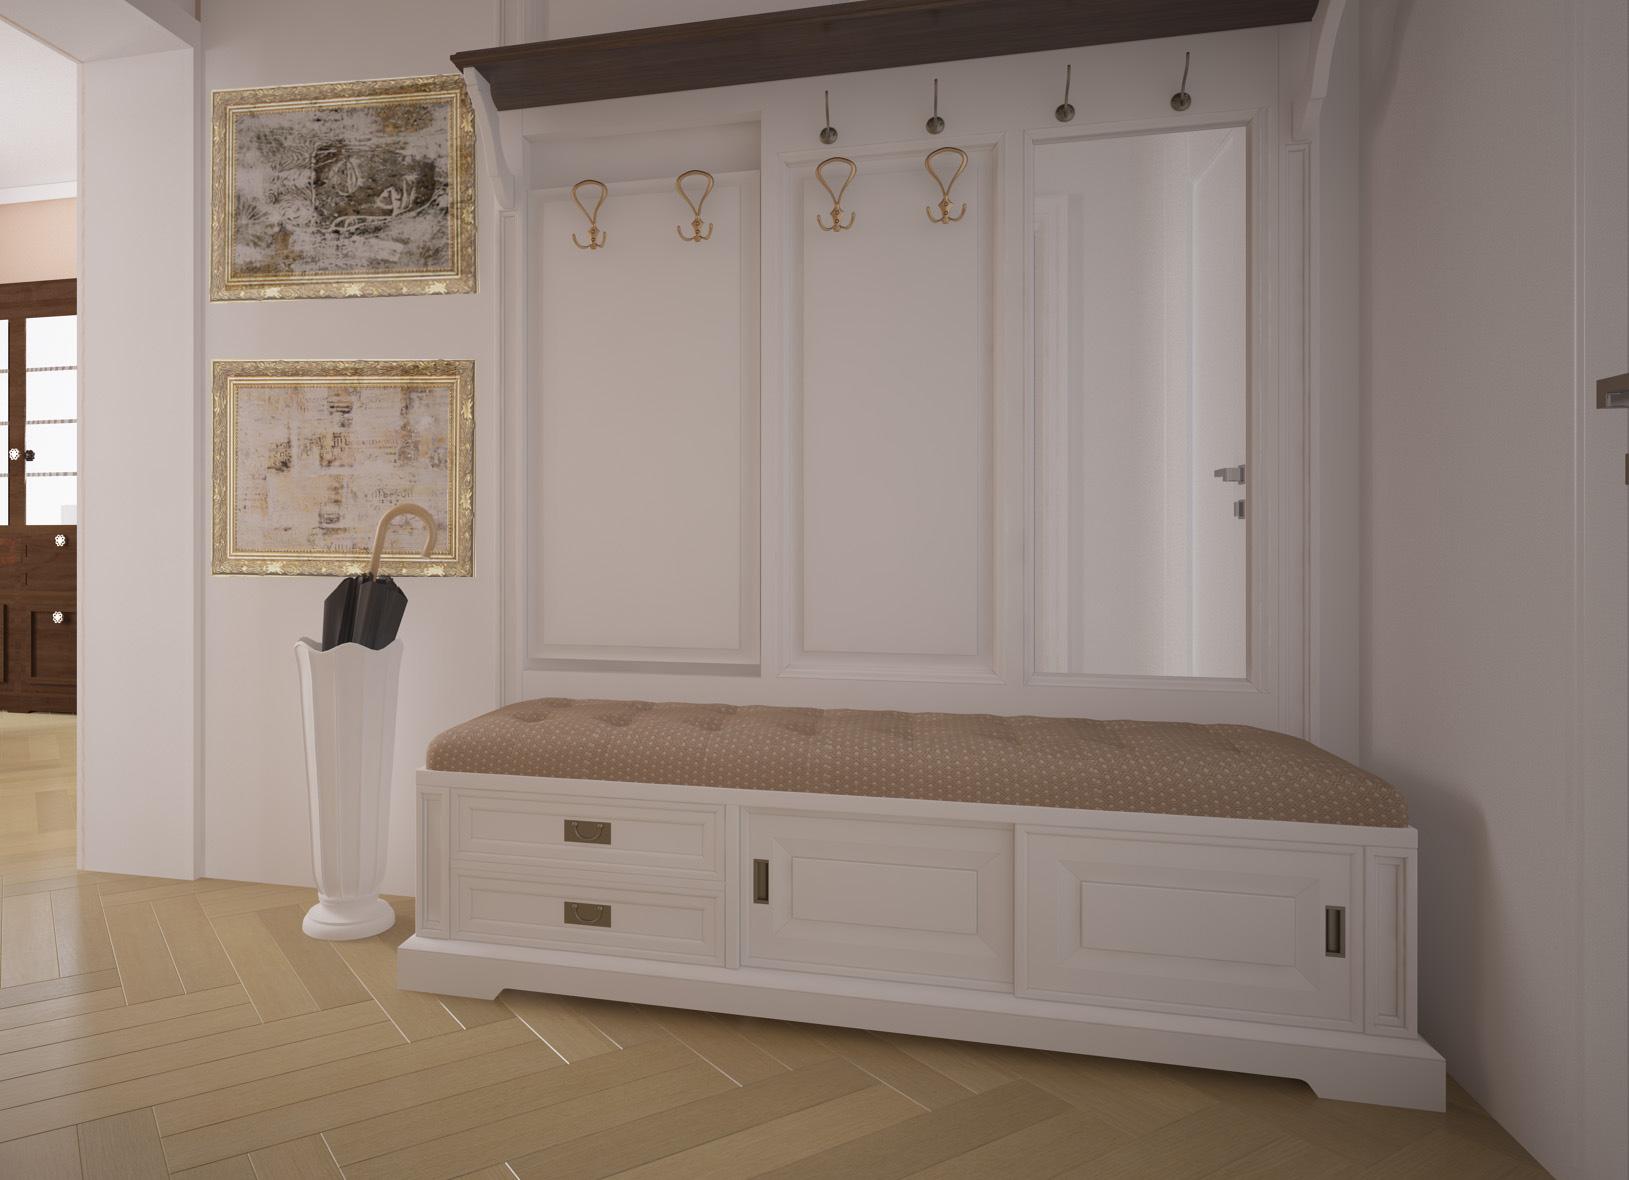 amenajare-interioara-apartament-cm-stil-clasic-10